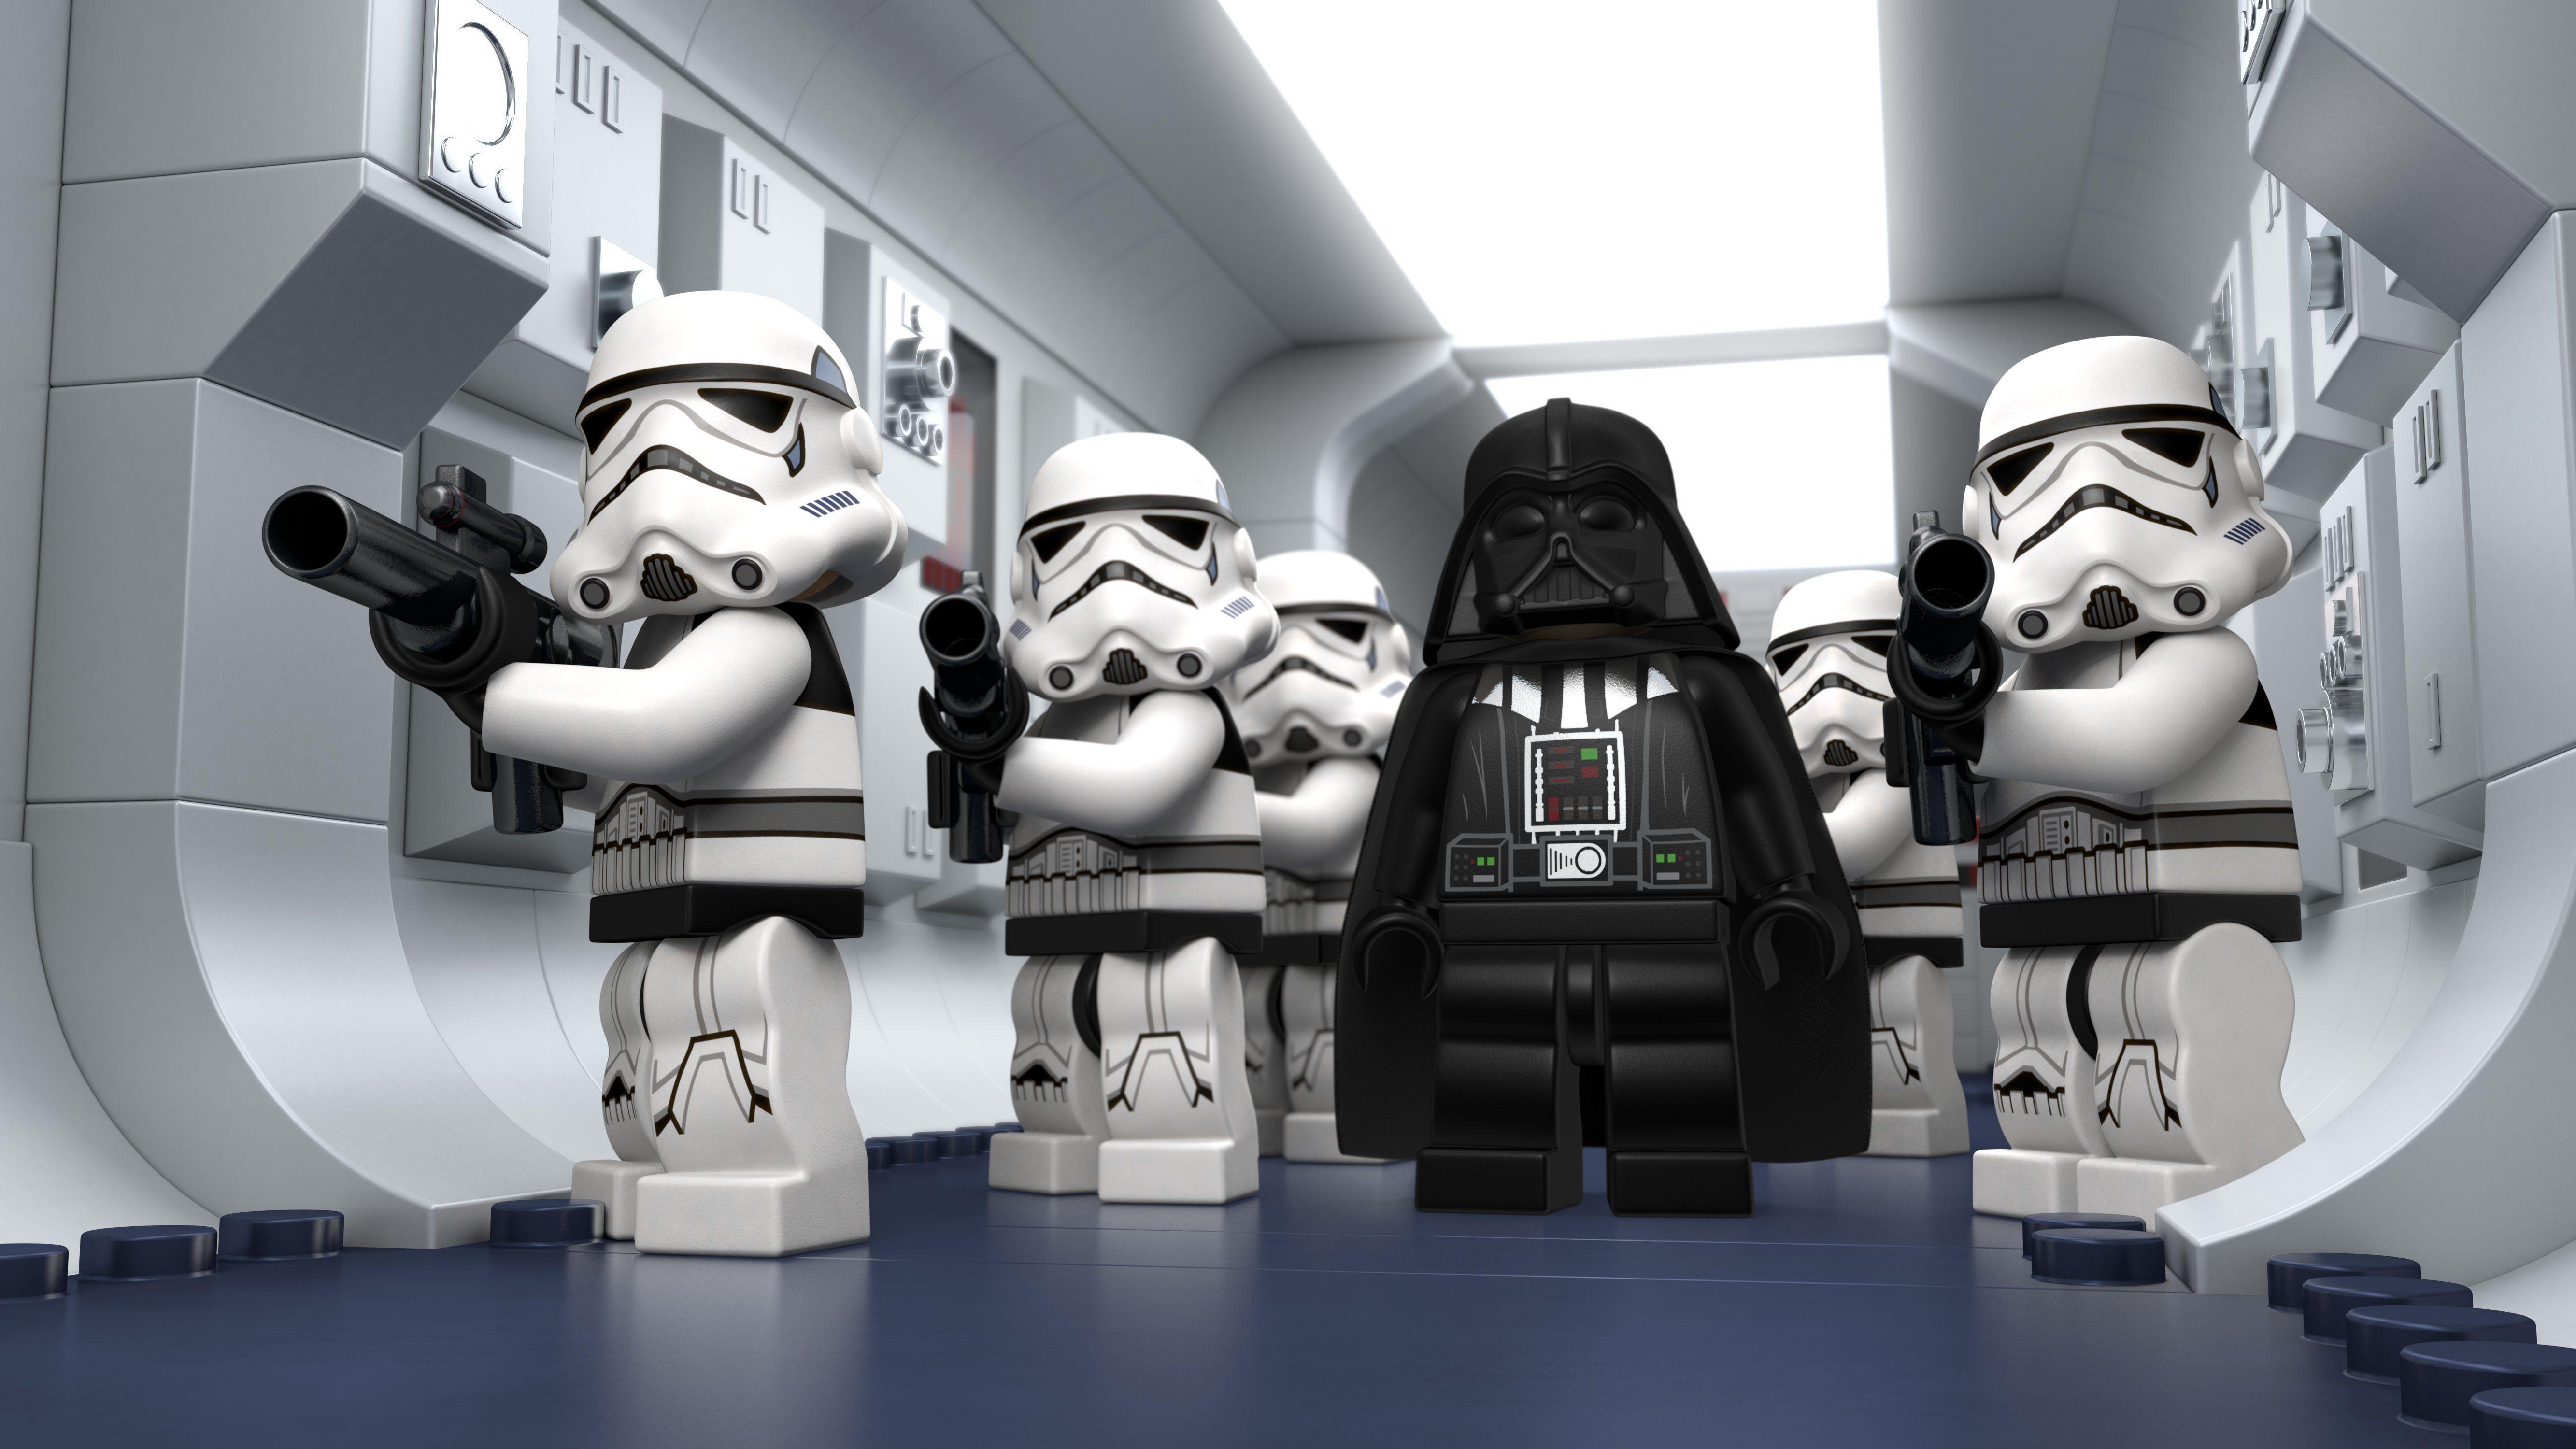 Lego Star Wars Stormtrooper Wallpapers Top Free Lego Star Wars Stormtrooper Backgrounds Wallpaperaccess